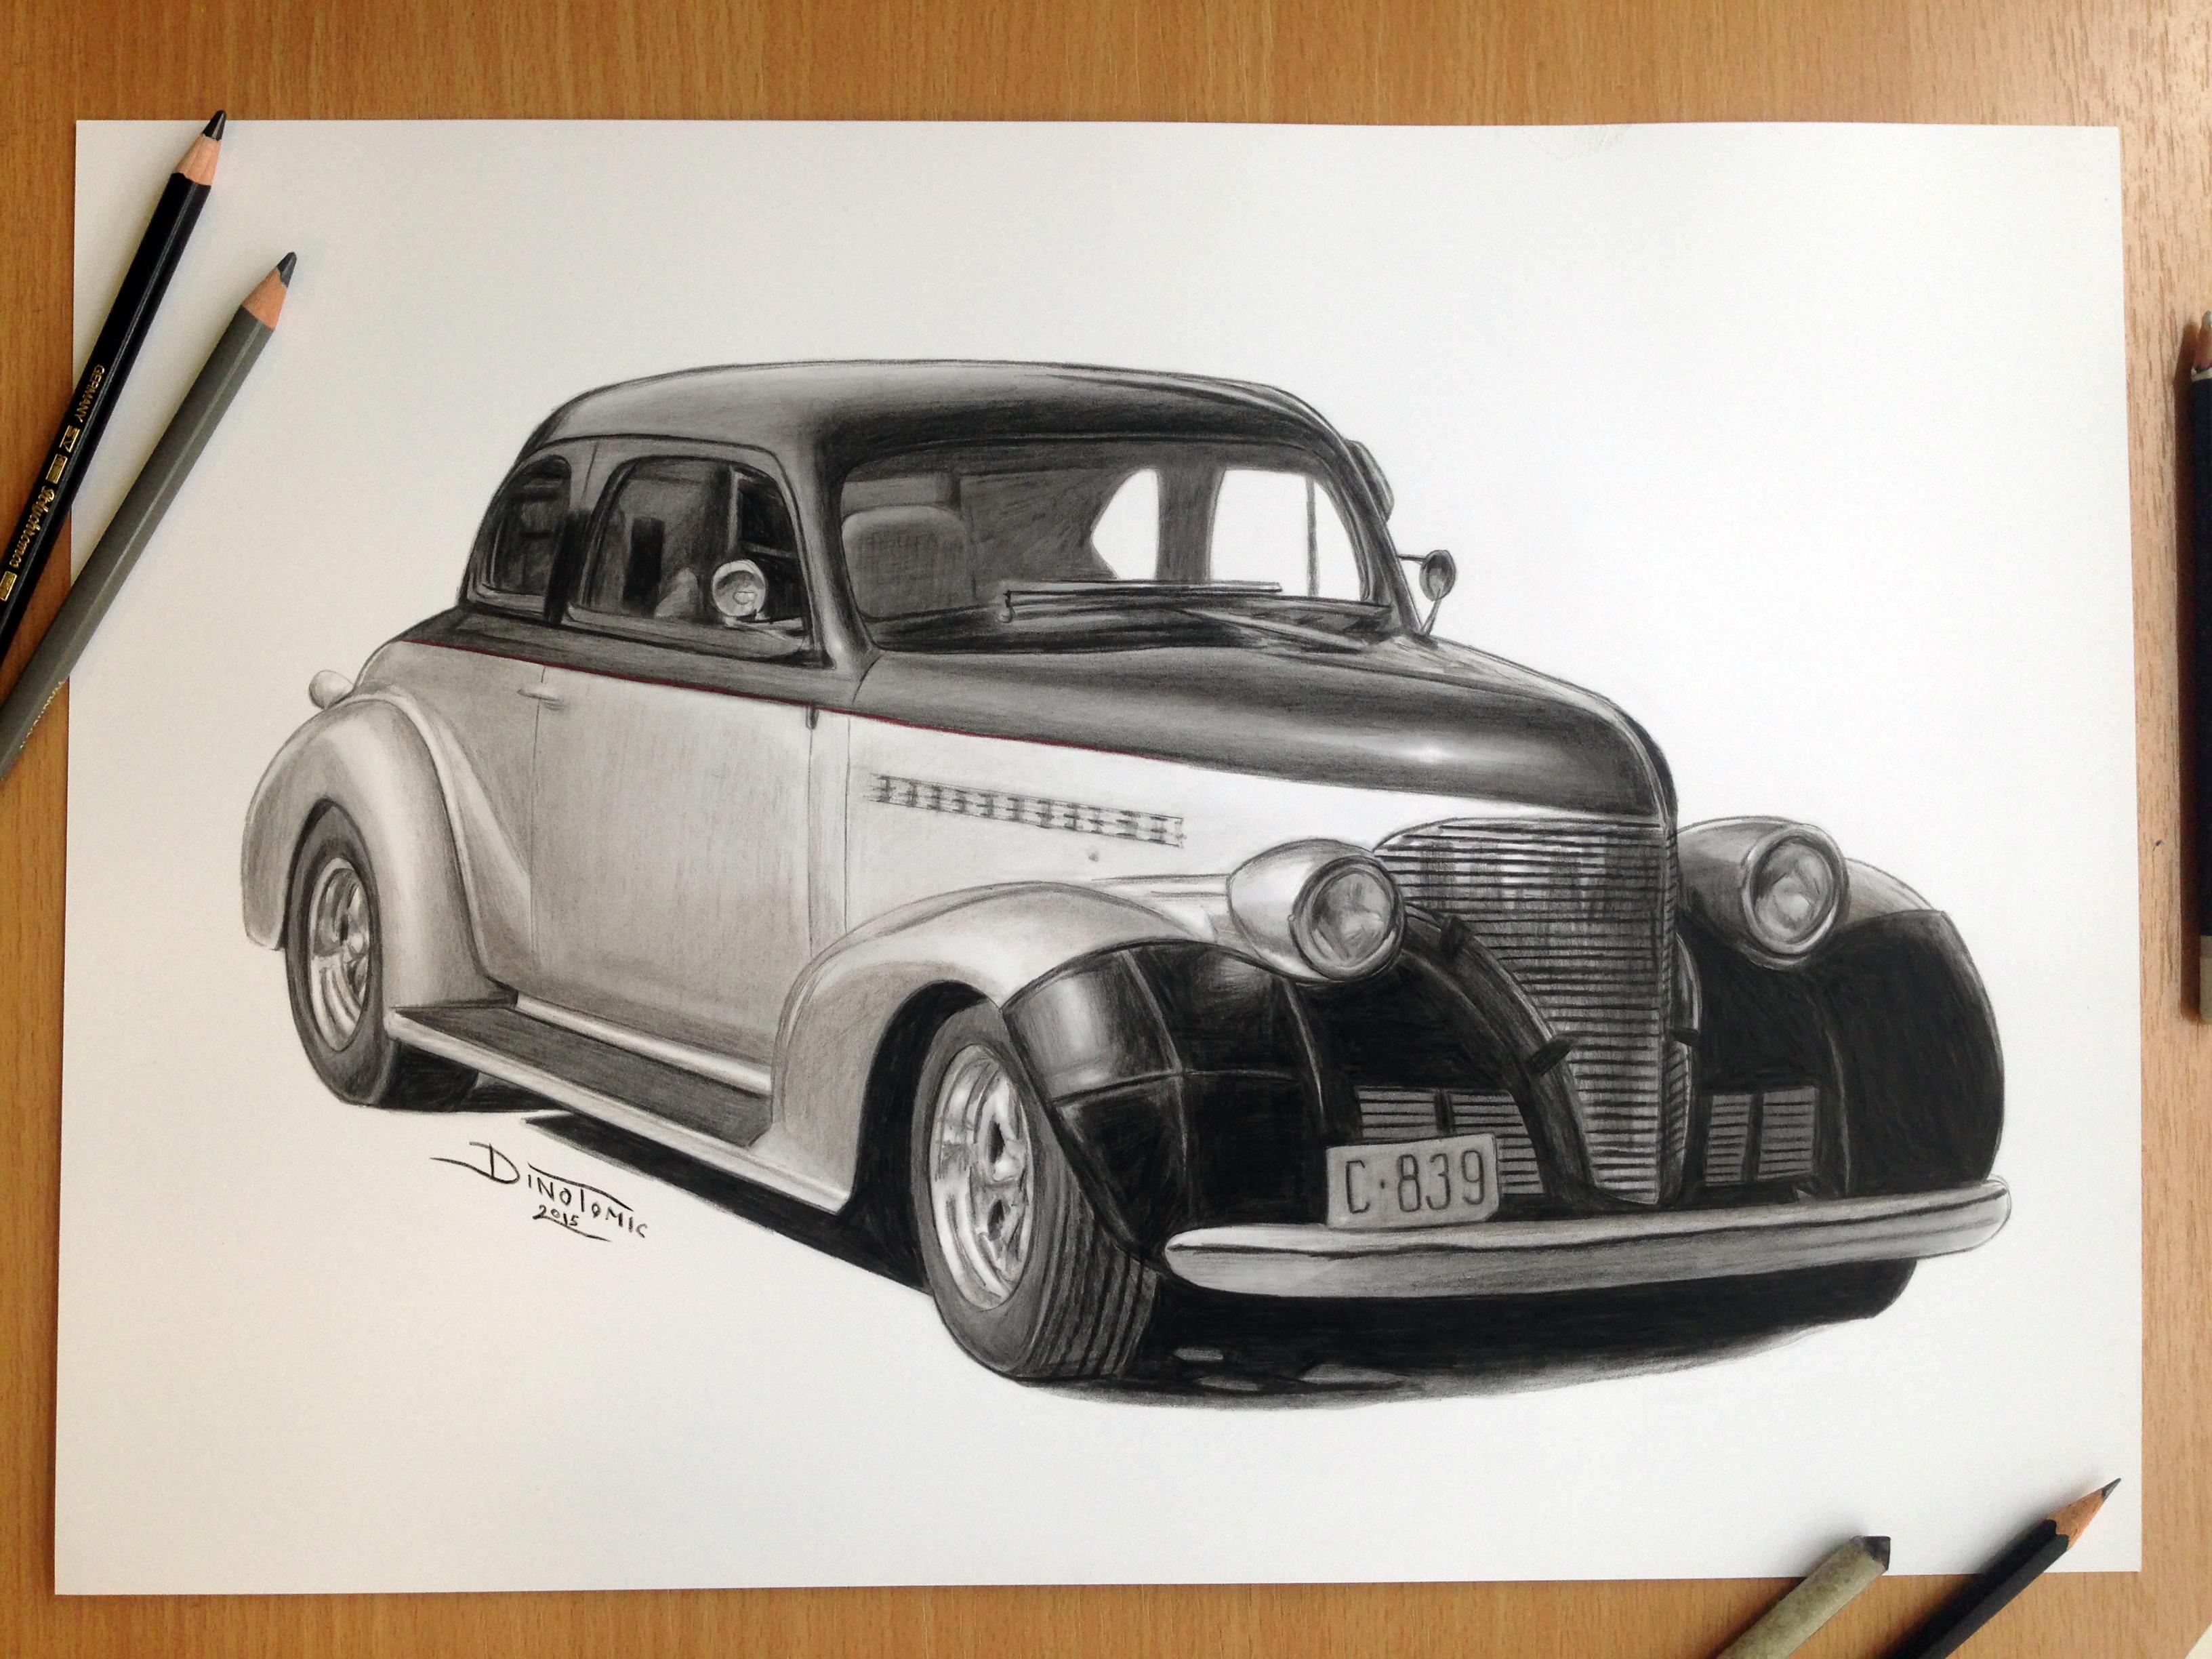 3264x2448 Pencil Drawings Of Classic Cars Car Pencil Drawingatomiccircus